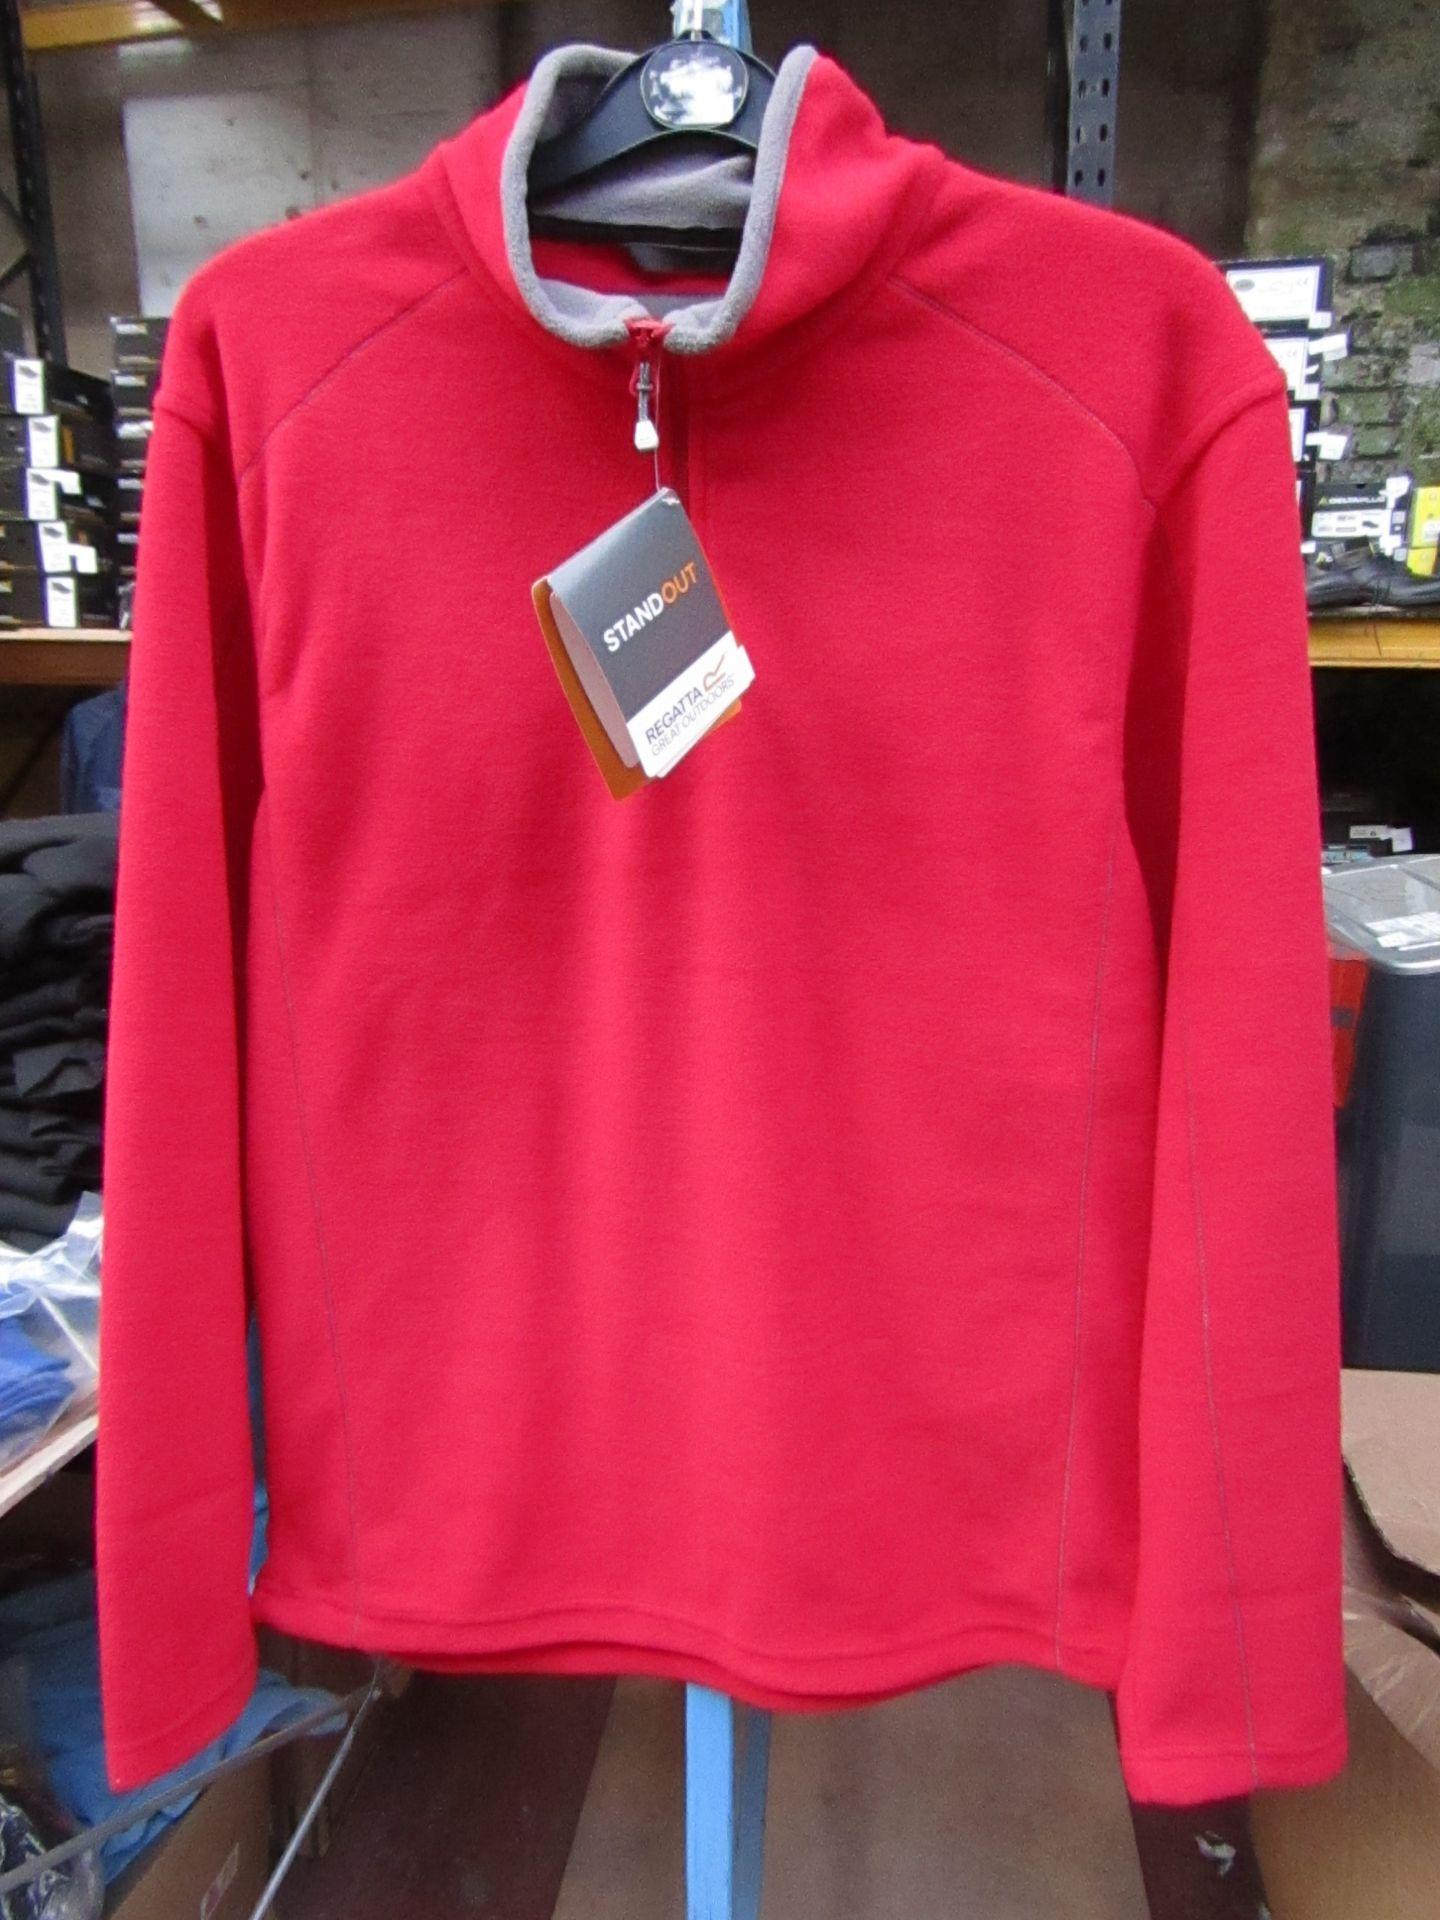 Lot 15 - Men's Regatta Professional Fleece Red / Smoke. Size M. new in Packaging